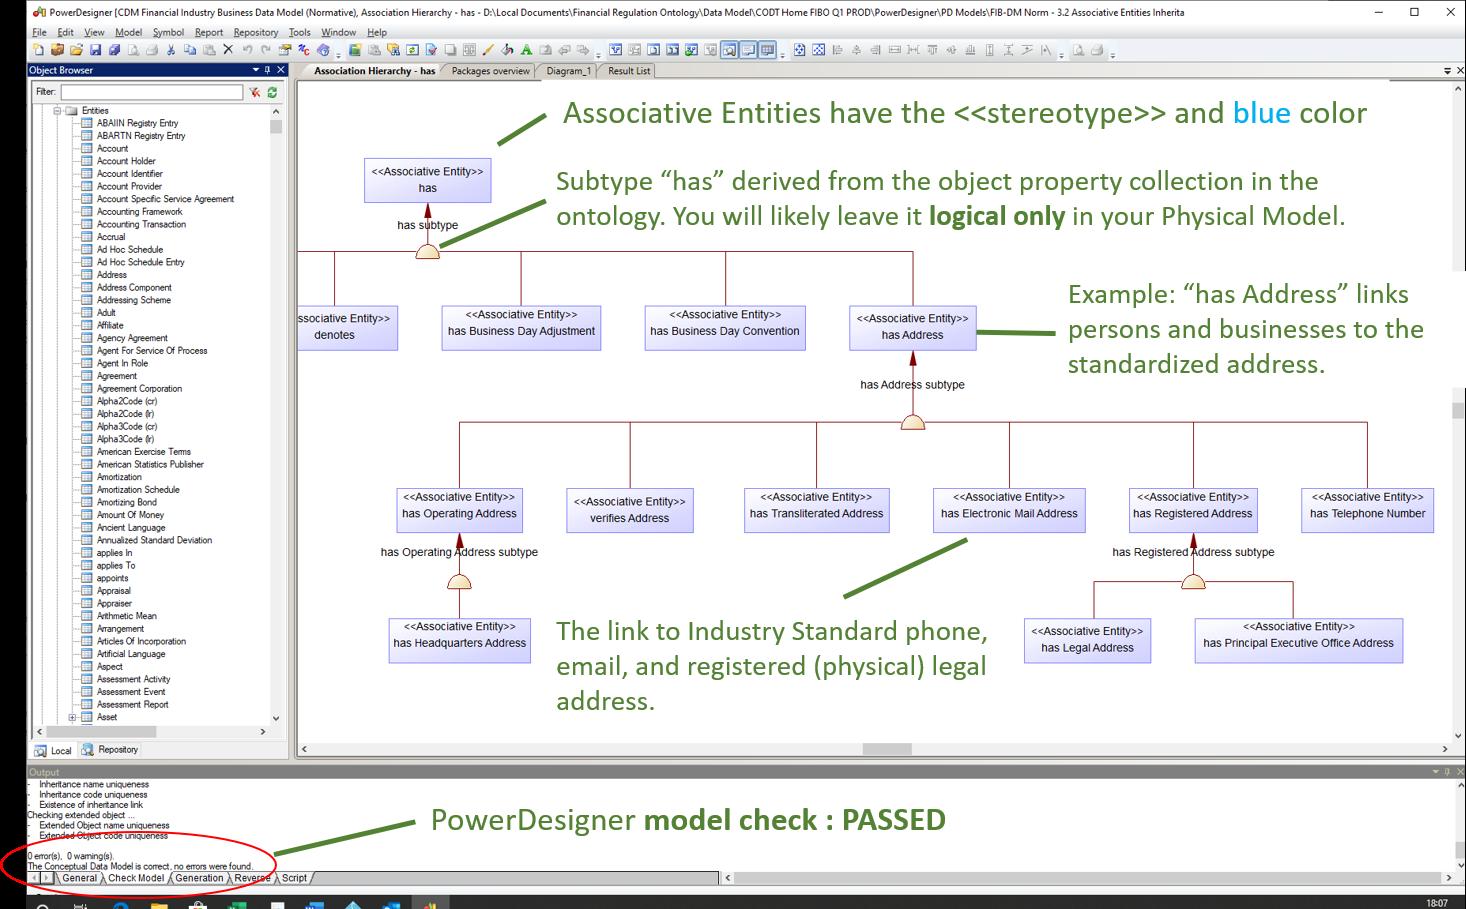 FIB-DM Associative Entity - has, diagram annotated